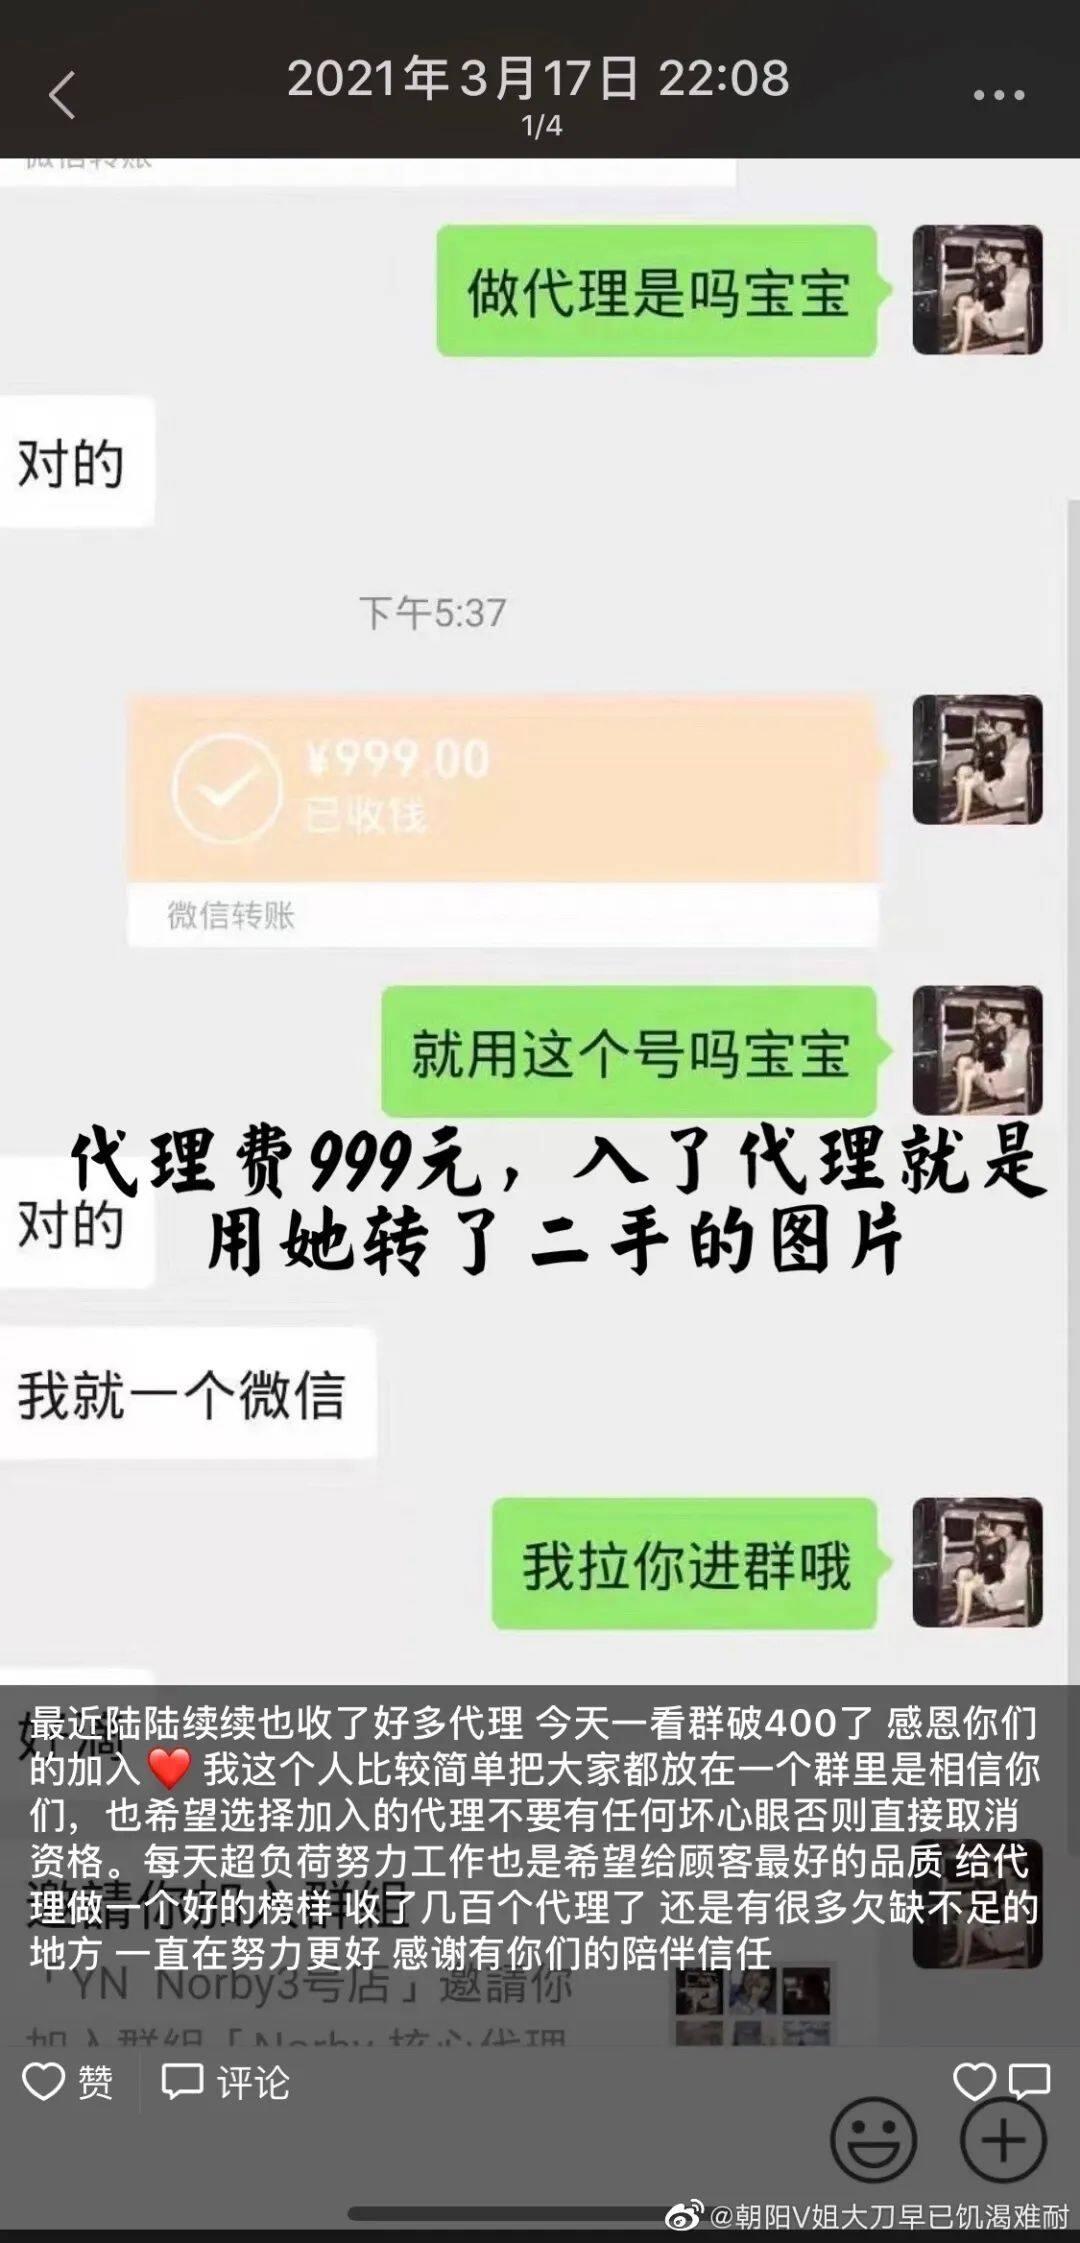 dy甜宠cp翻车,两百万粉丝成韭菜人?12